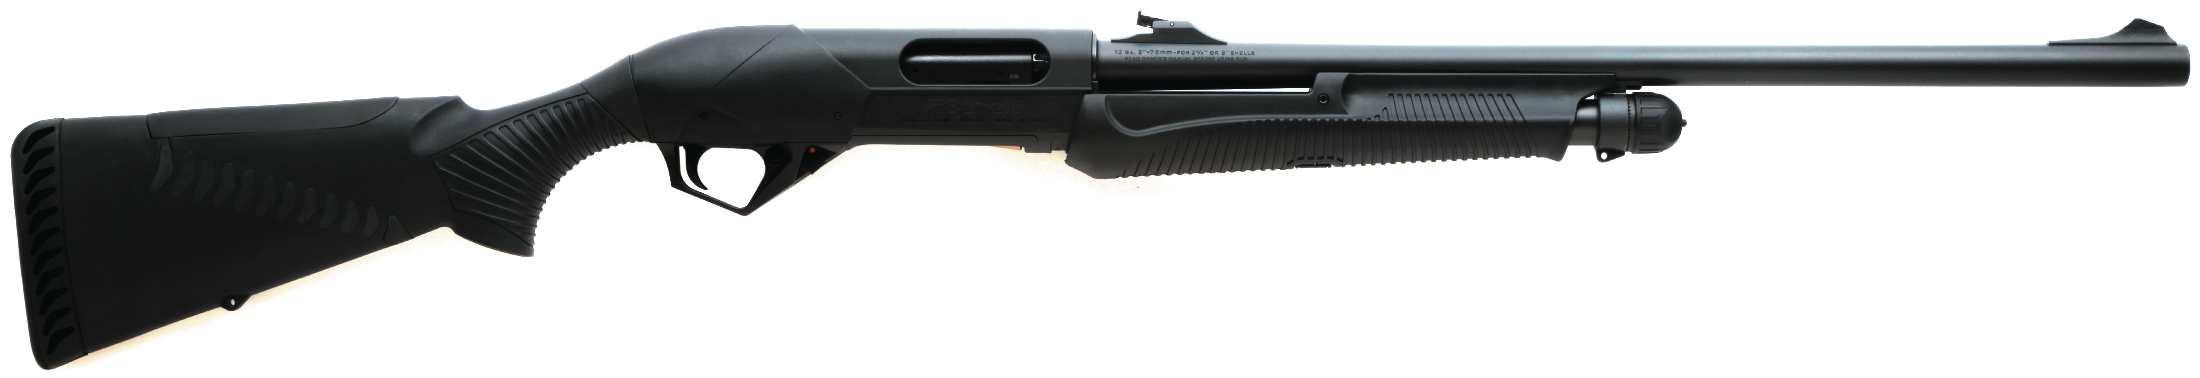 スーパーノバ1-2ライフル